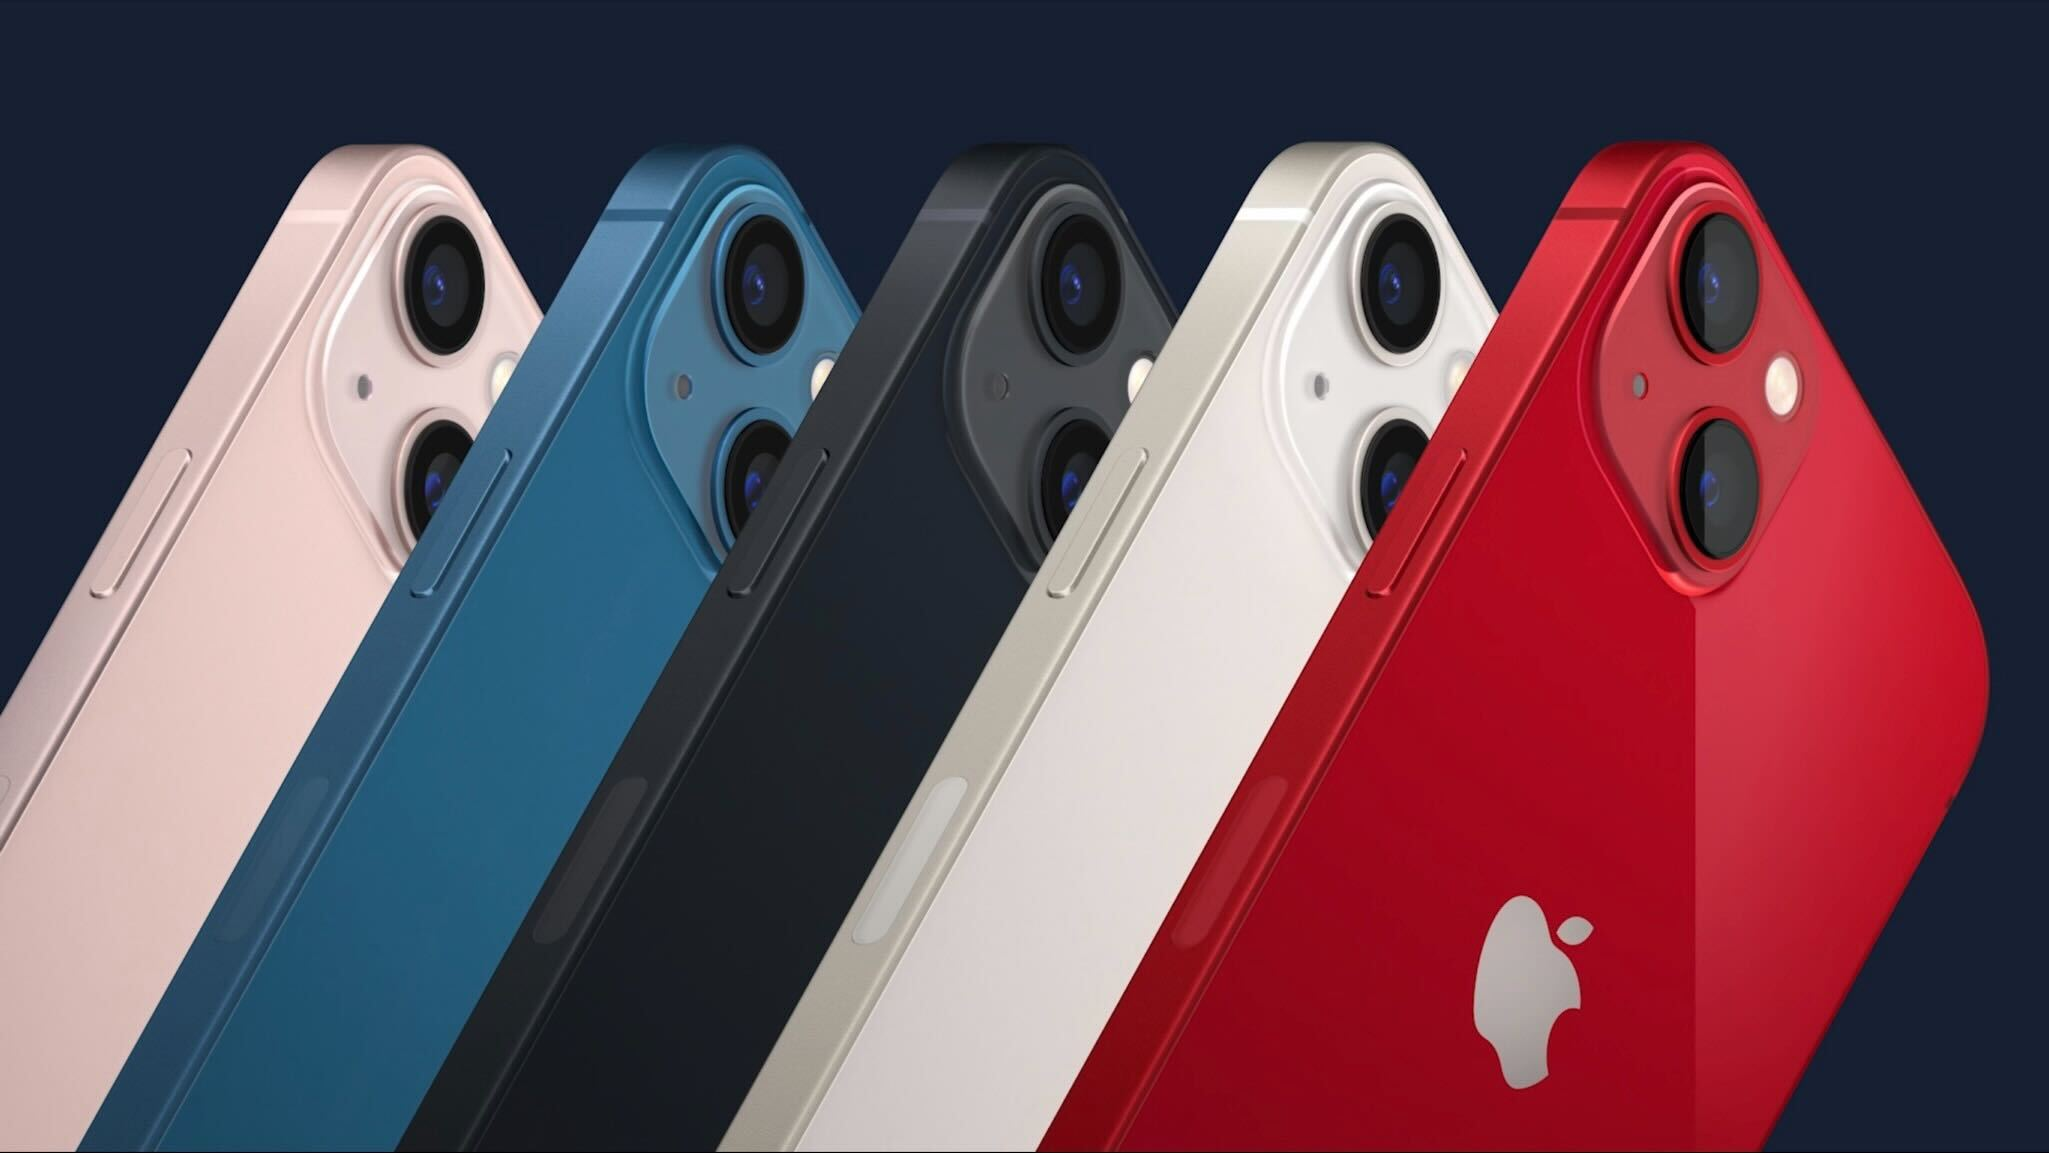 【速報】iPhone 13発表。「他社主要スマホより50%速い」A15 Bionic搭載、ノッチは縮小 - Engadget 日本版